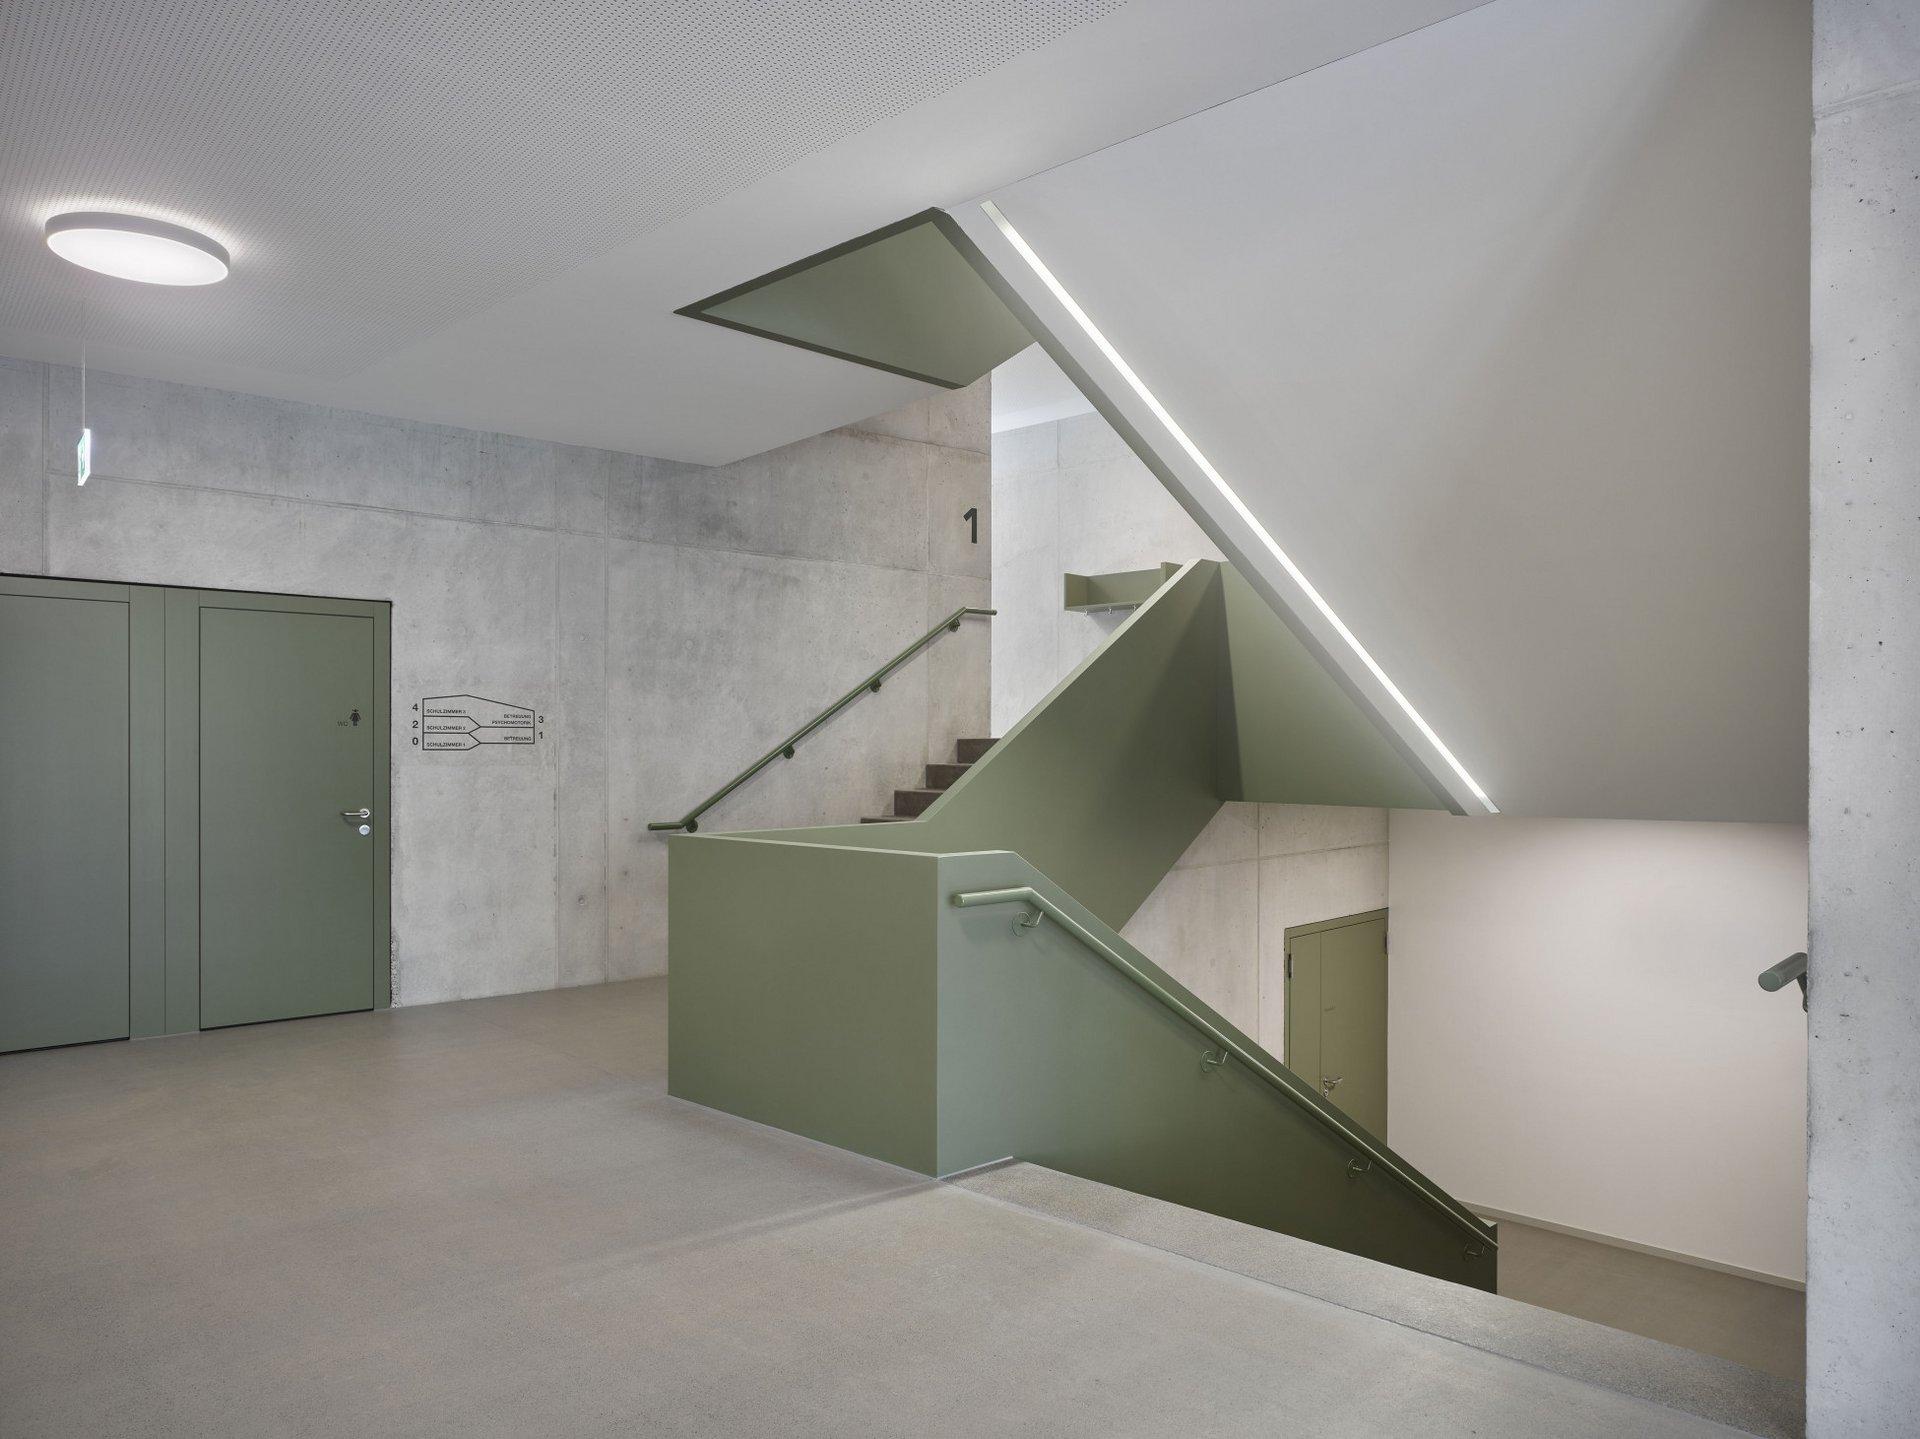 Treppenhaus mit Betonwänden und olivgrünen Geländern und Türen.